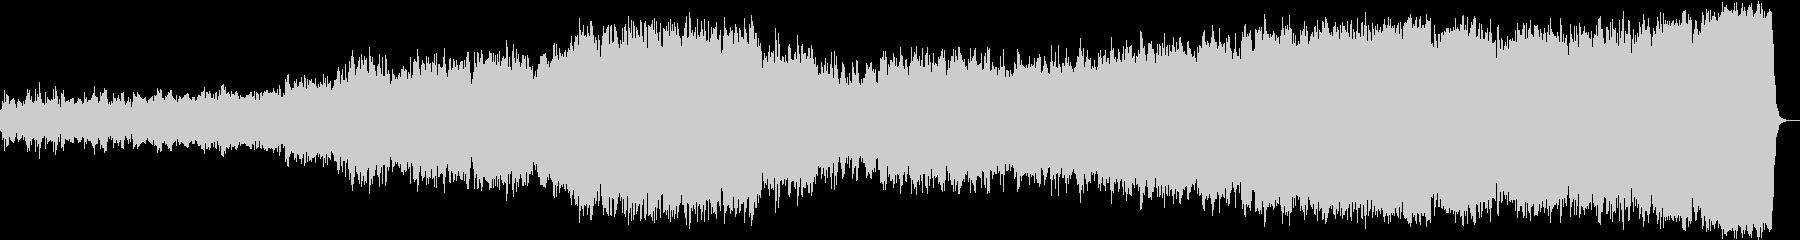 ヨハン・パッヘルベルのカノンの未再生の波形